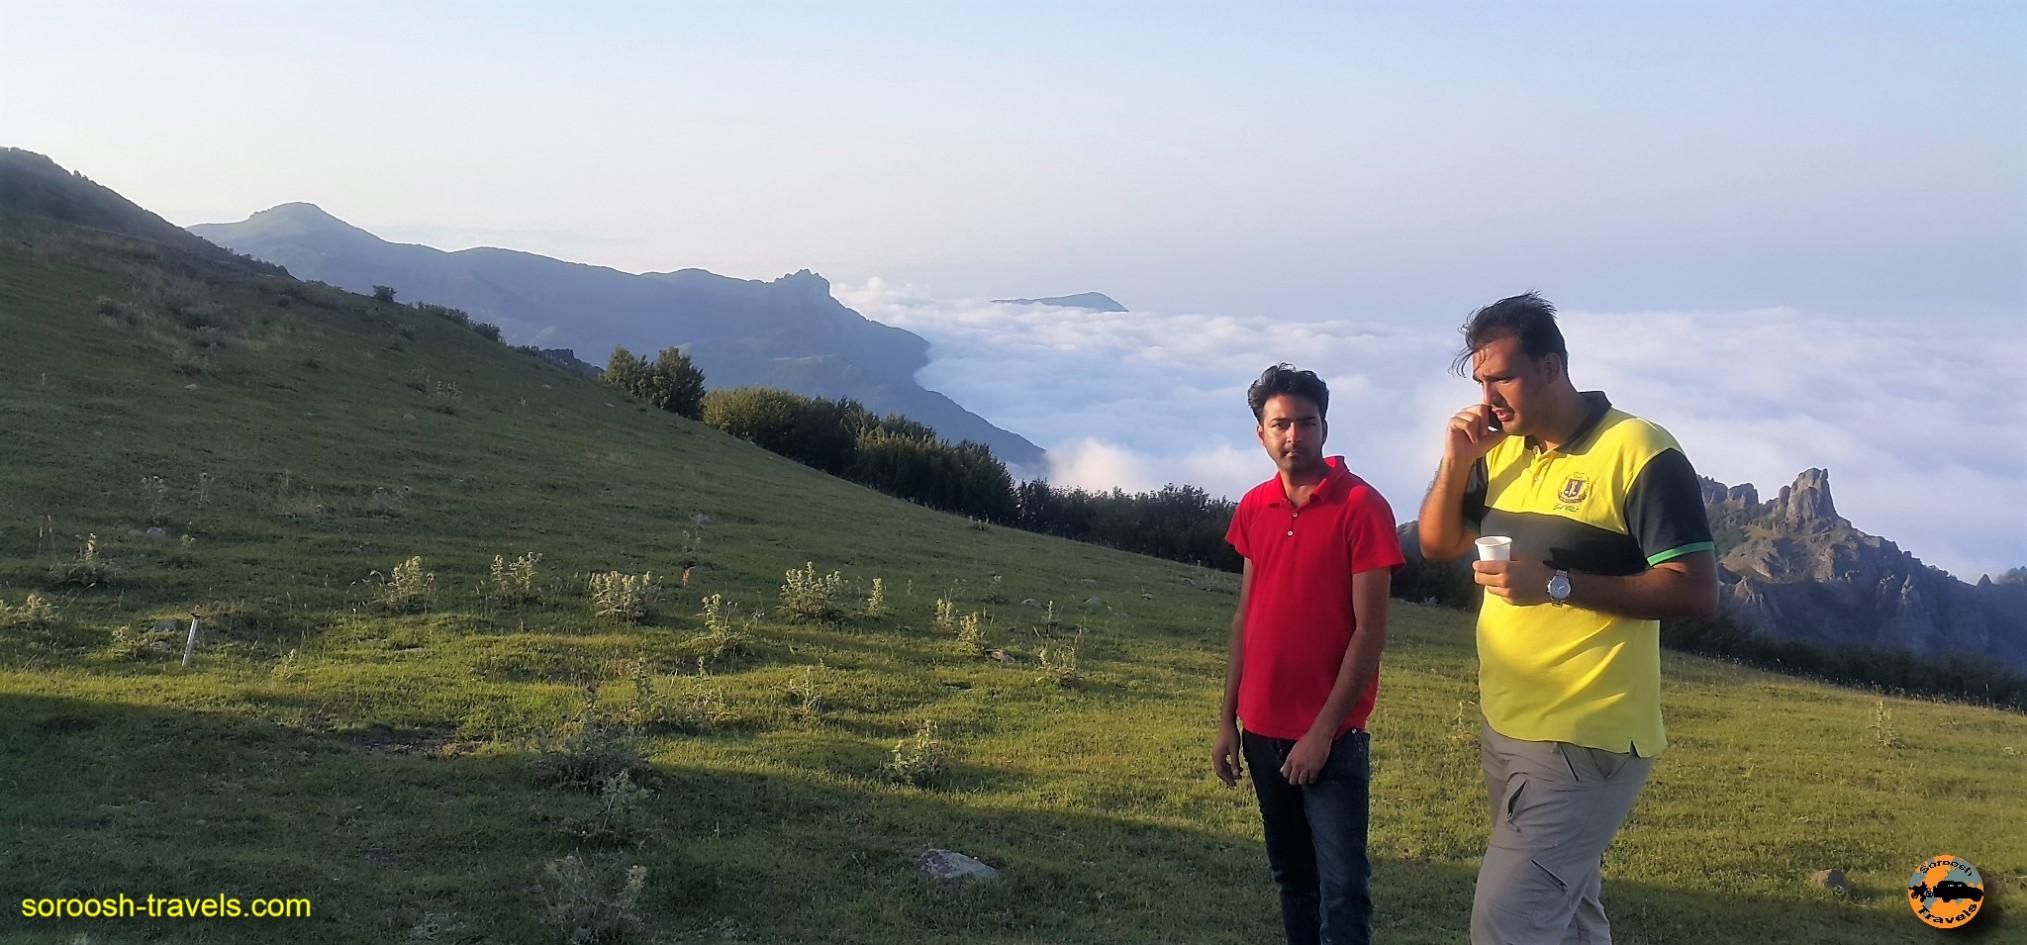 ارتفاعات دریاچه سوها - تابستان ۱۳۹۶